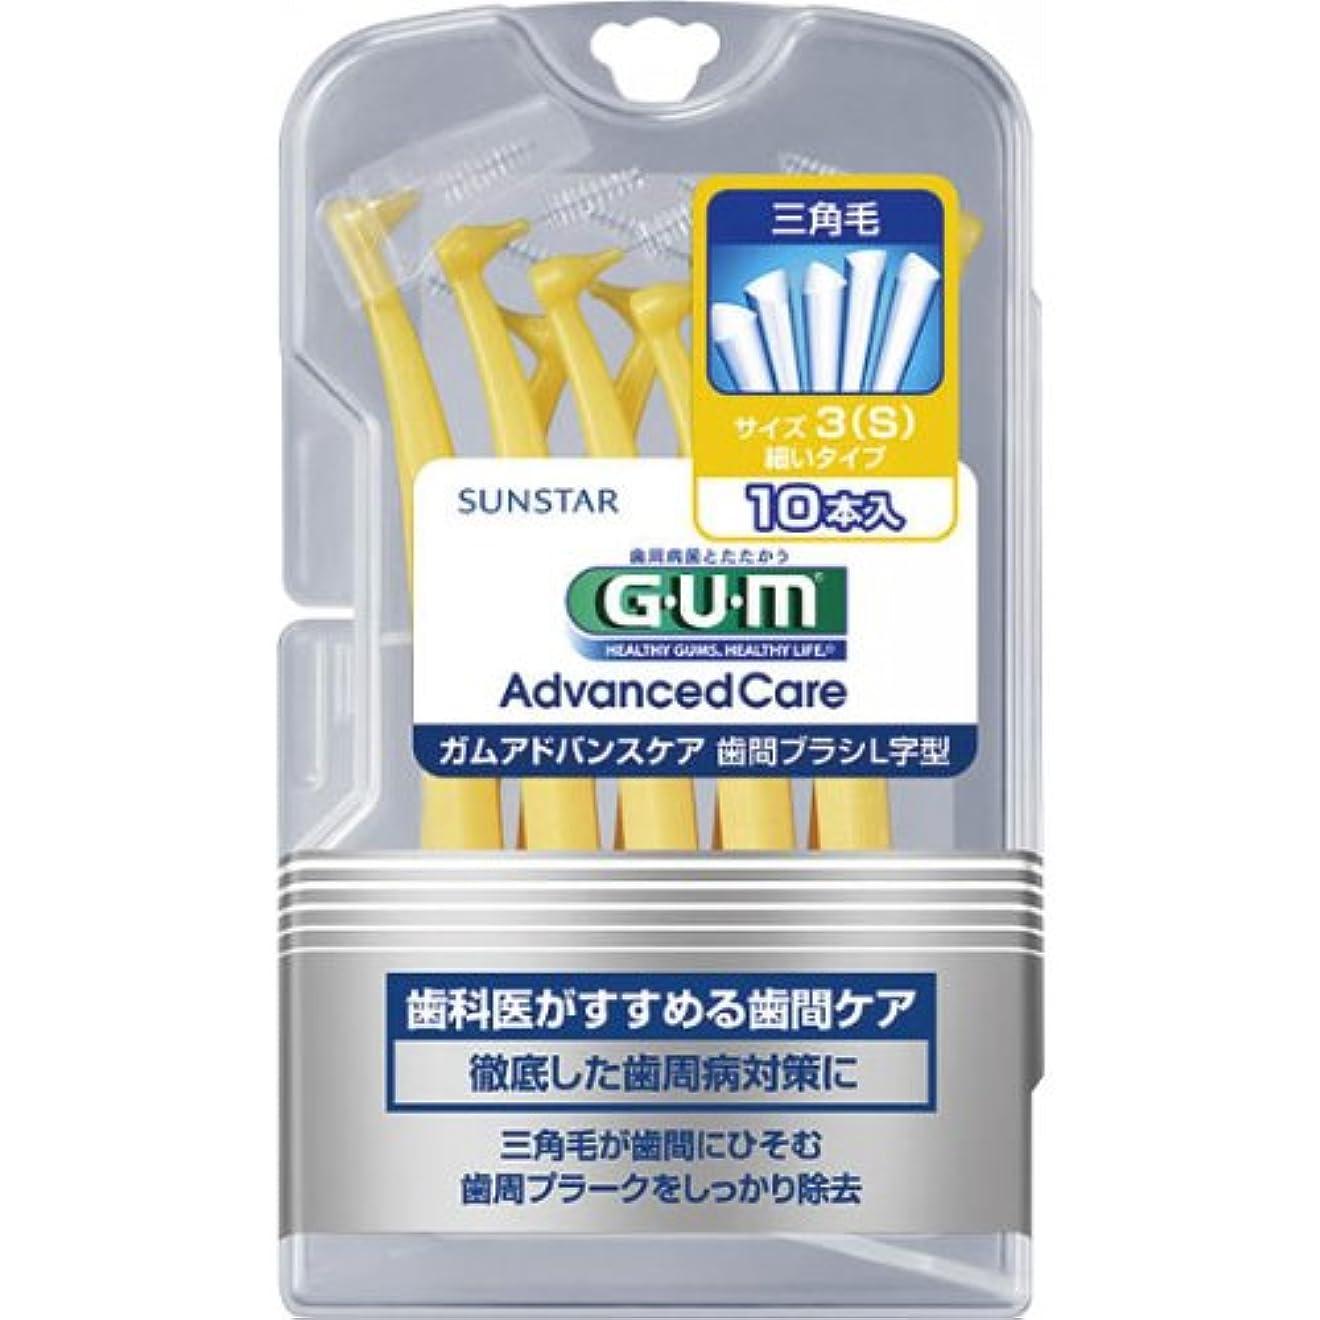 ガムアドバンスケア歯間ブラシL字型10Pサイズ3S【サンスター】